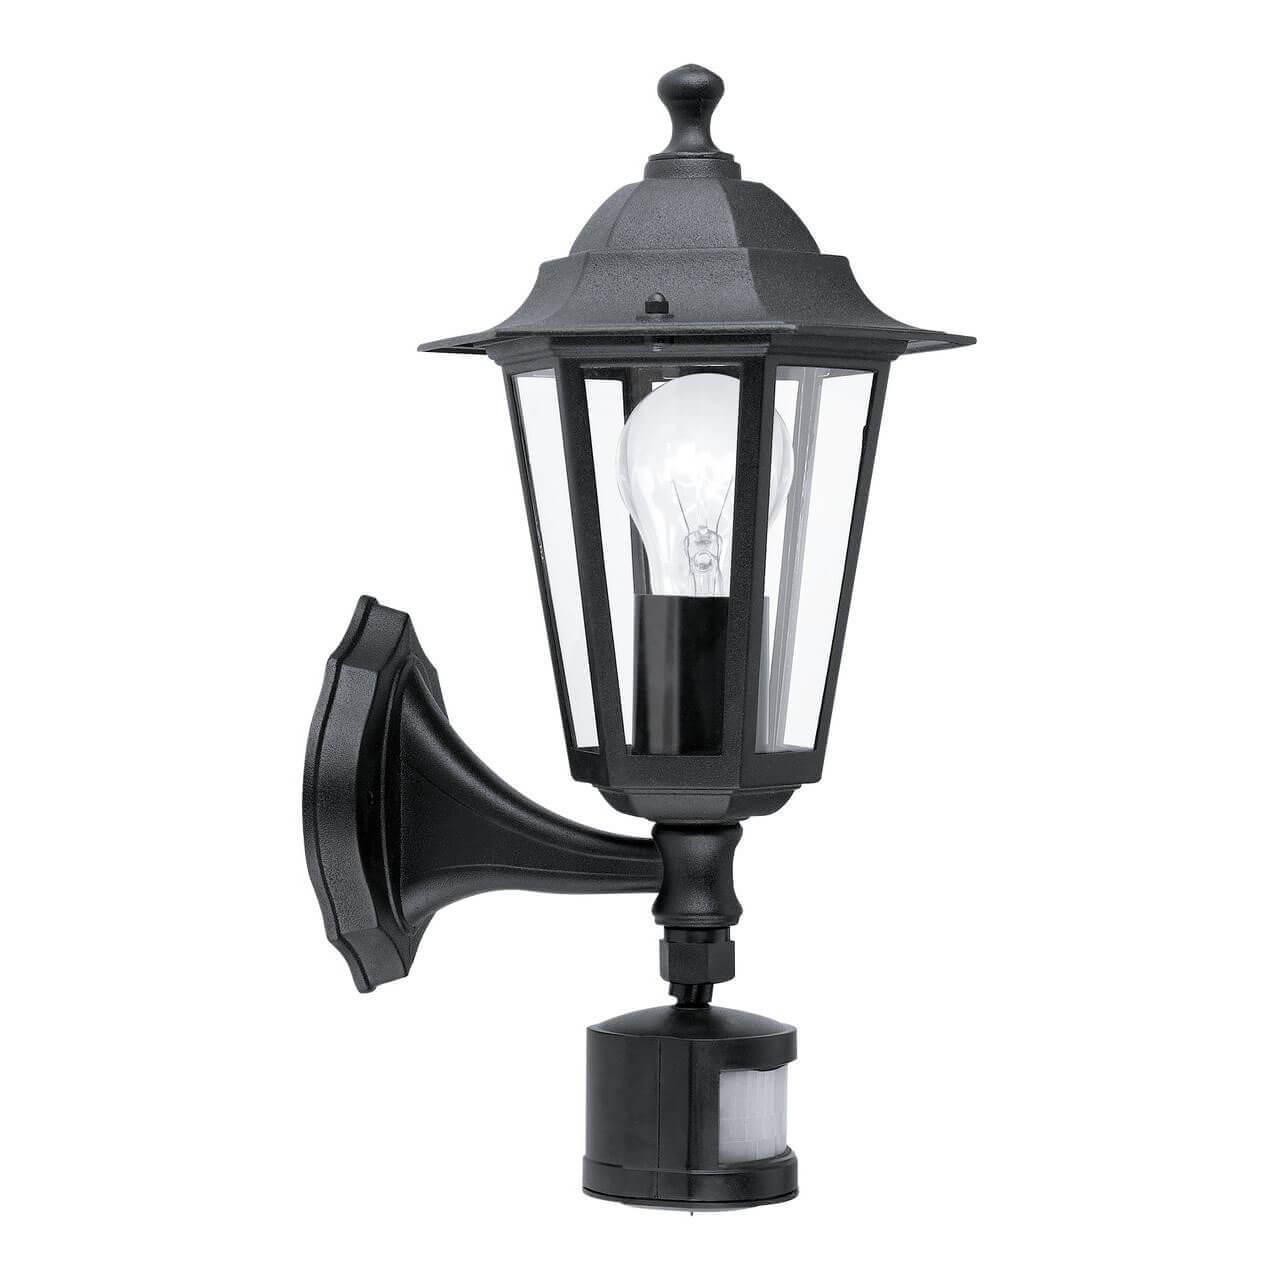 Уличный светильник Eglo 22469, E27 eglo уличный настенный светильник eglo laterna 7 3376